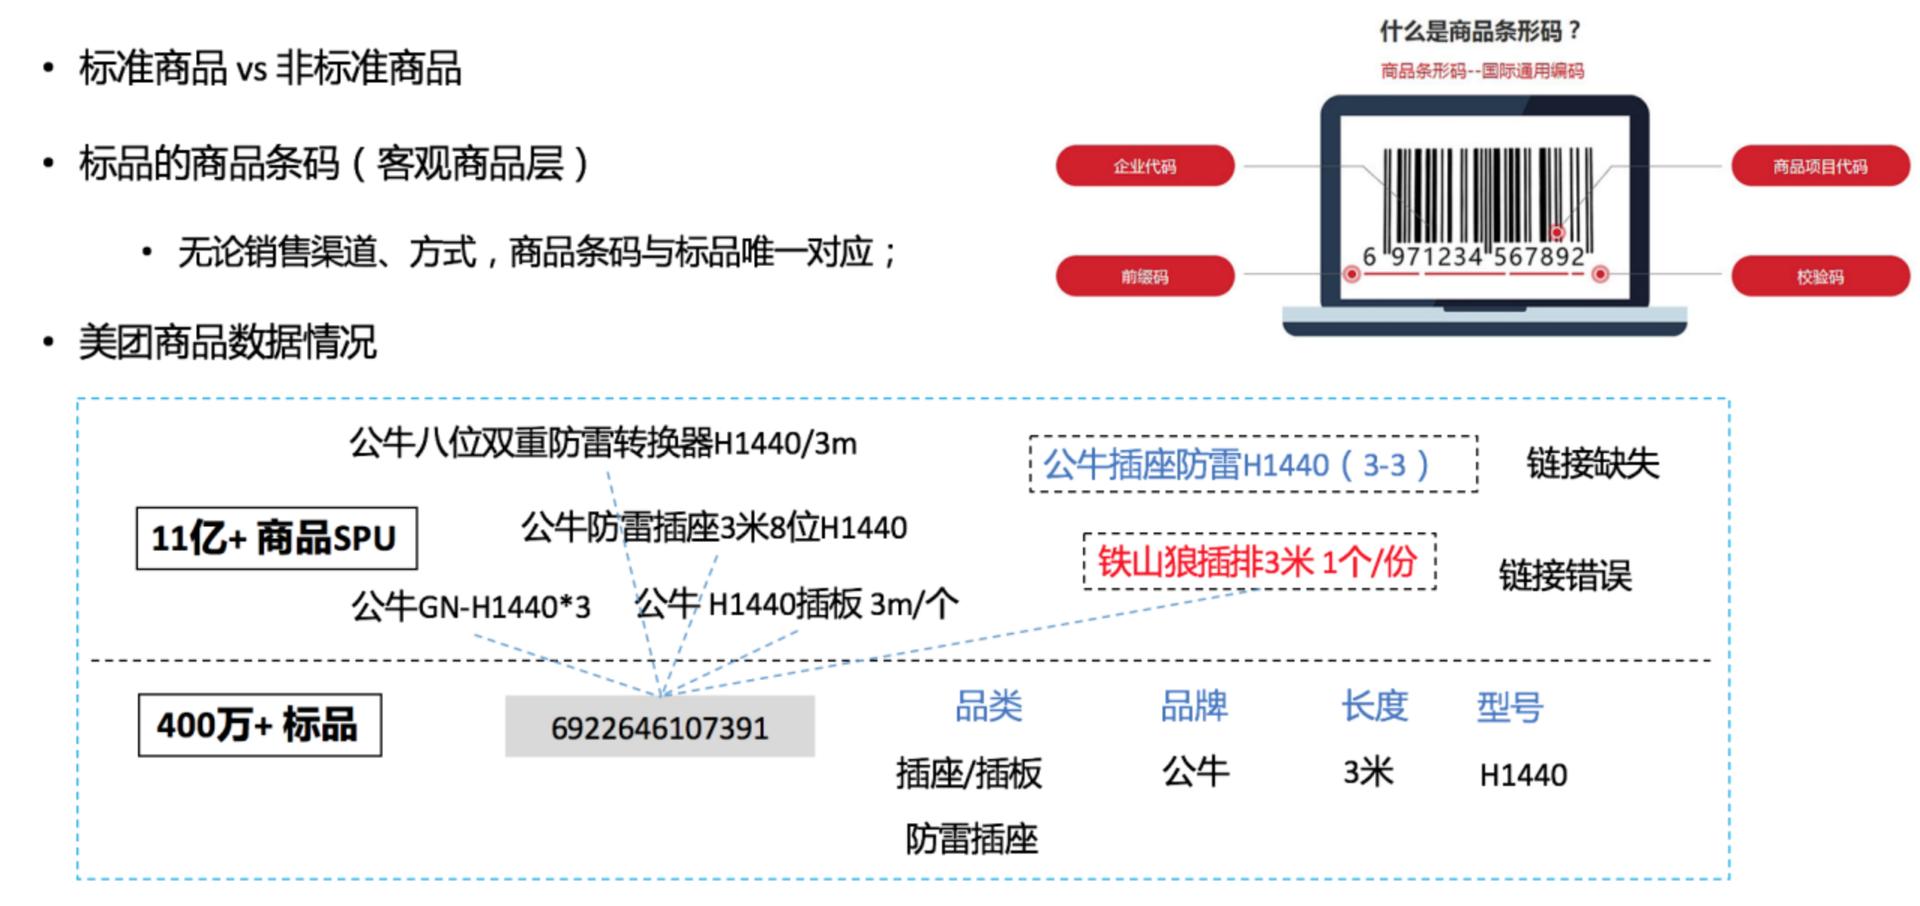 图6 商品图谱标品关联任务